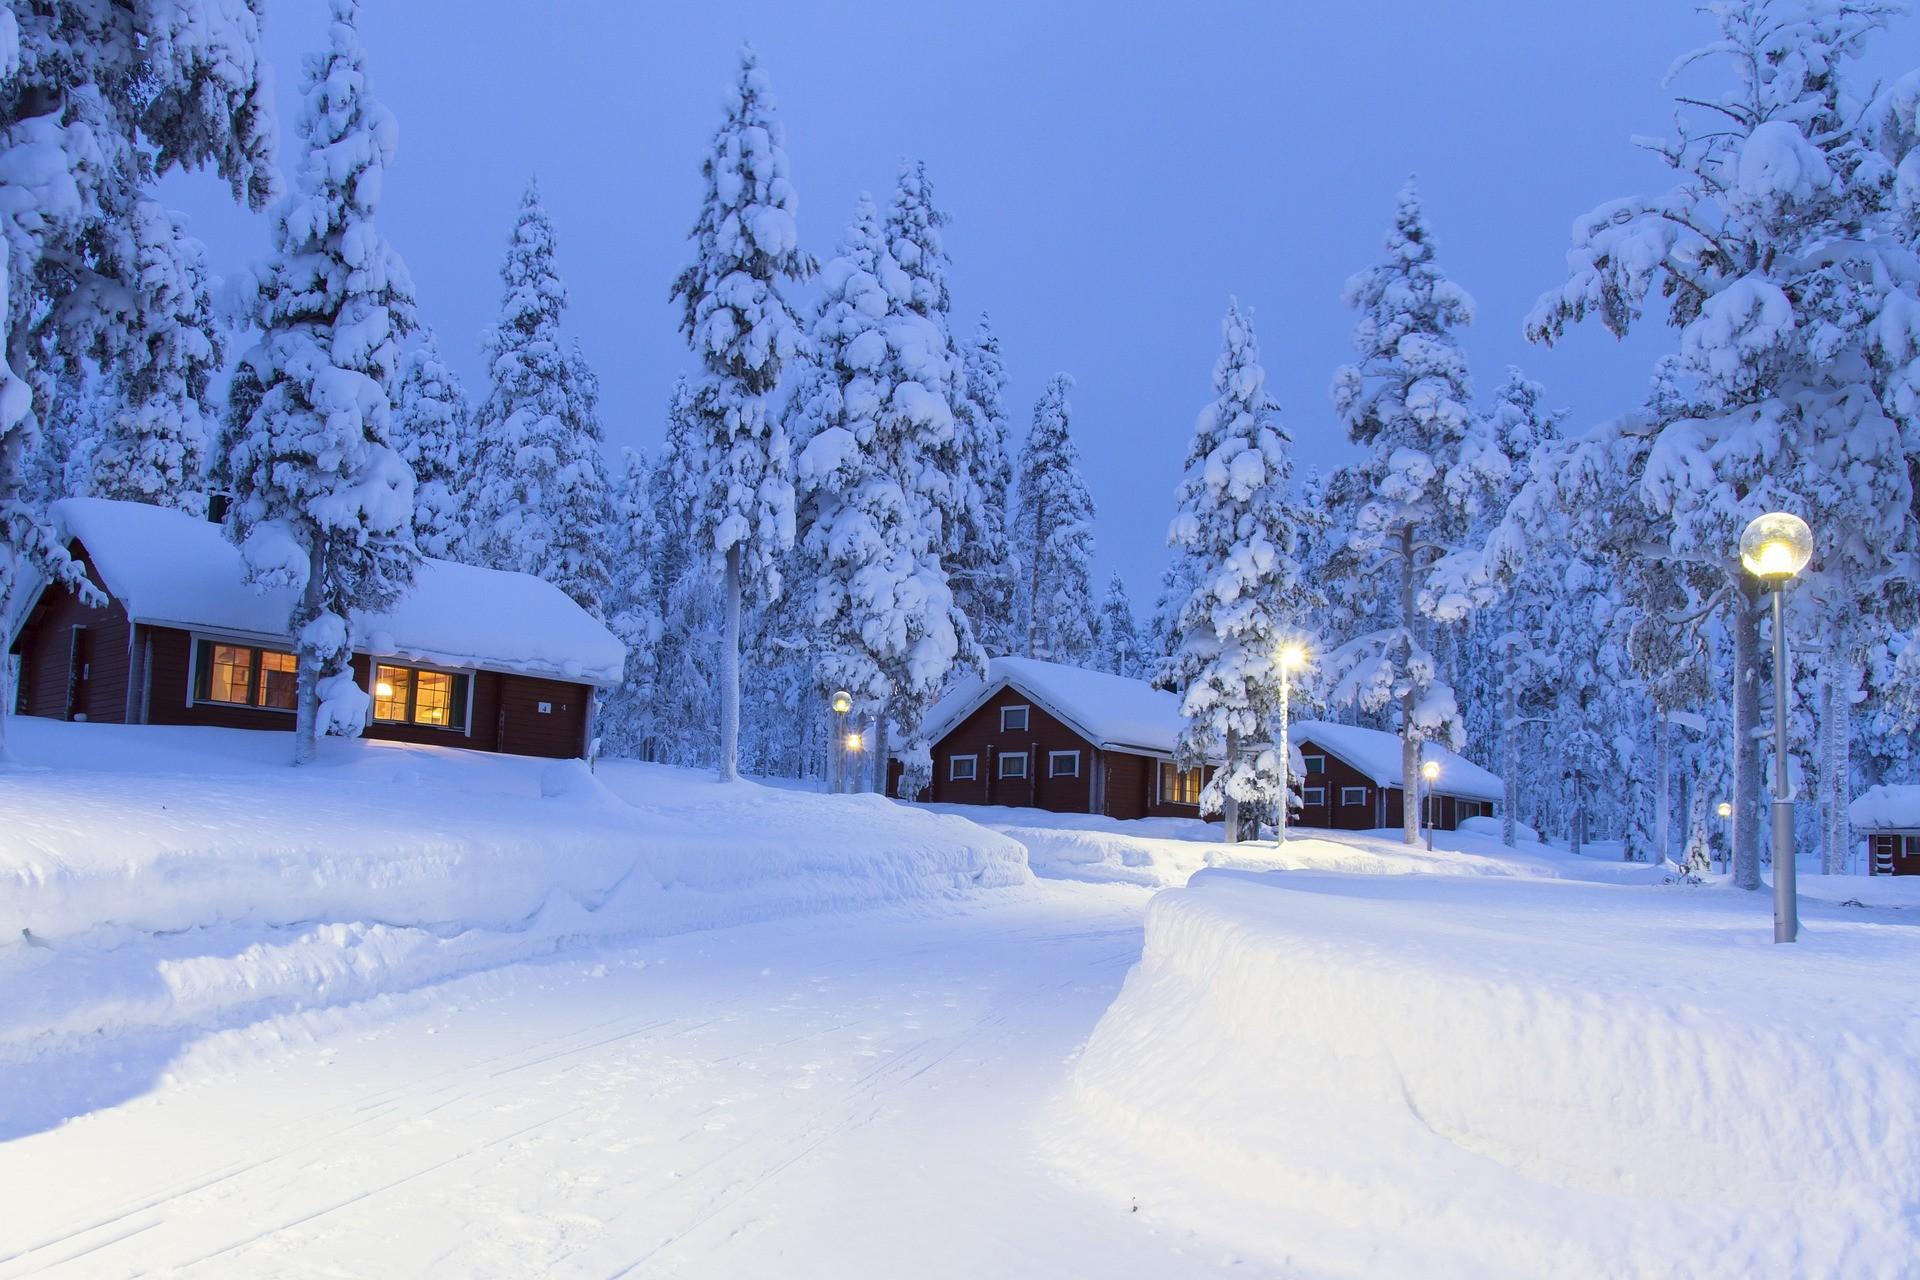 Lapponia finlandese - Foto di Adege da Pixabay